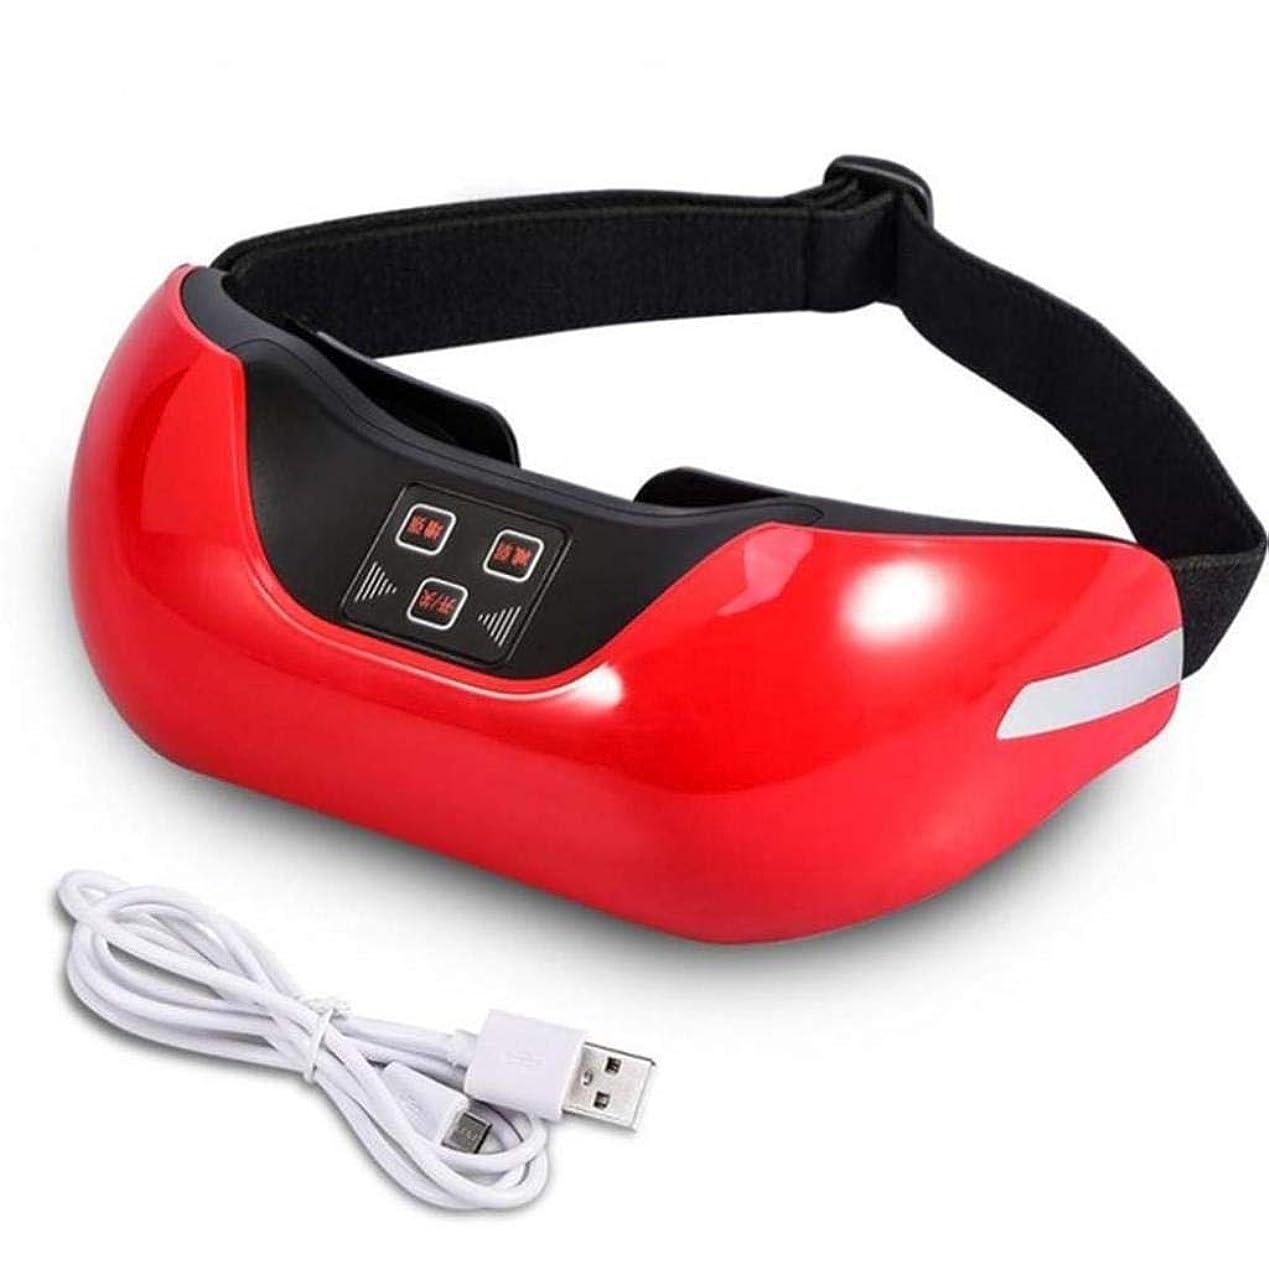 優越恐れるダイジェストアイマッサージャー、ワイヤレス3D充電式グリーンアイリカバリービジョン電動マッサージャー、修復ビジョンマッサージャー、アイケアツールは血液循環を促進し、疲労を和らげます (Color : Red)